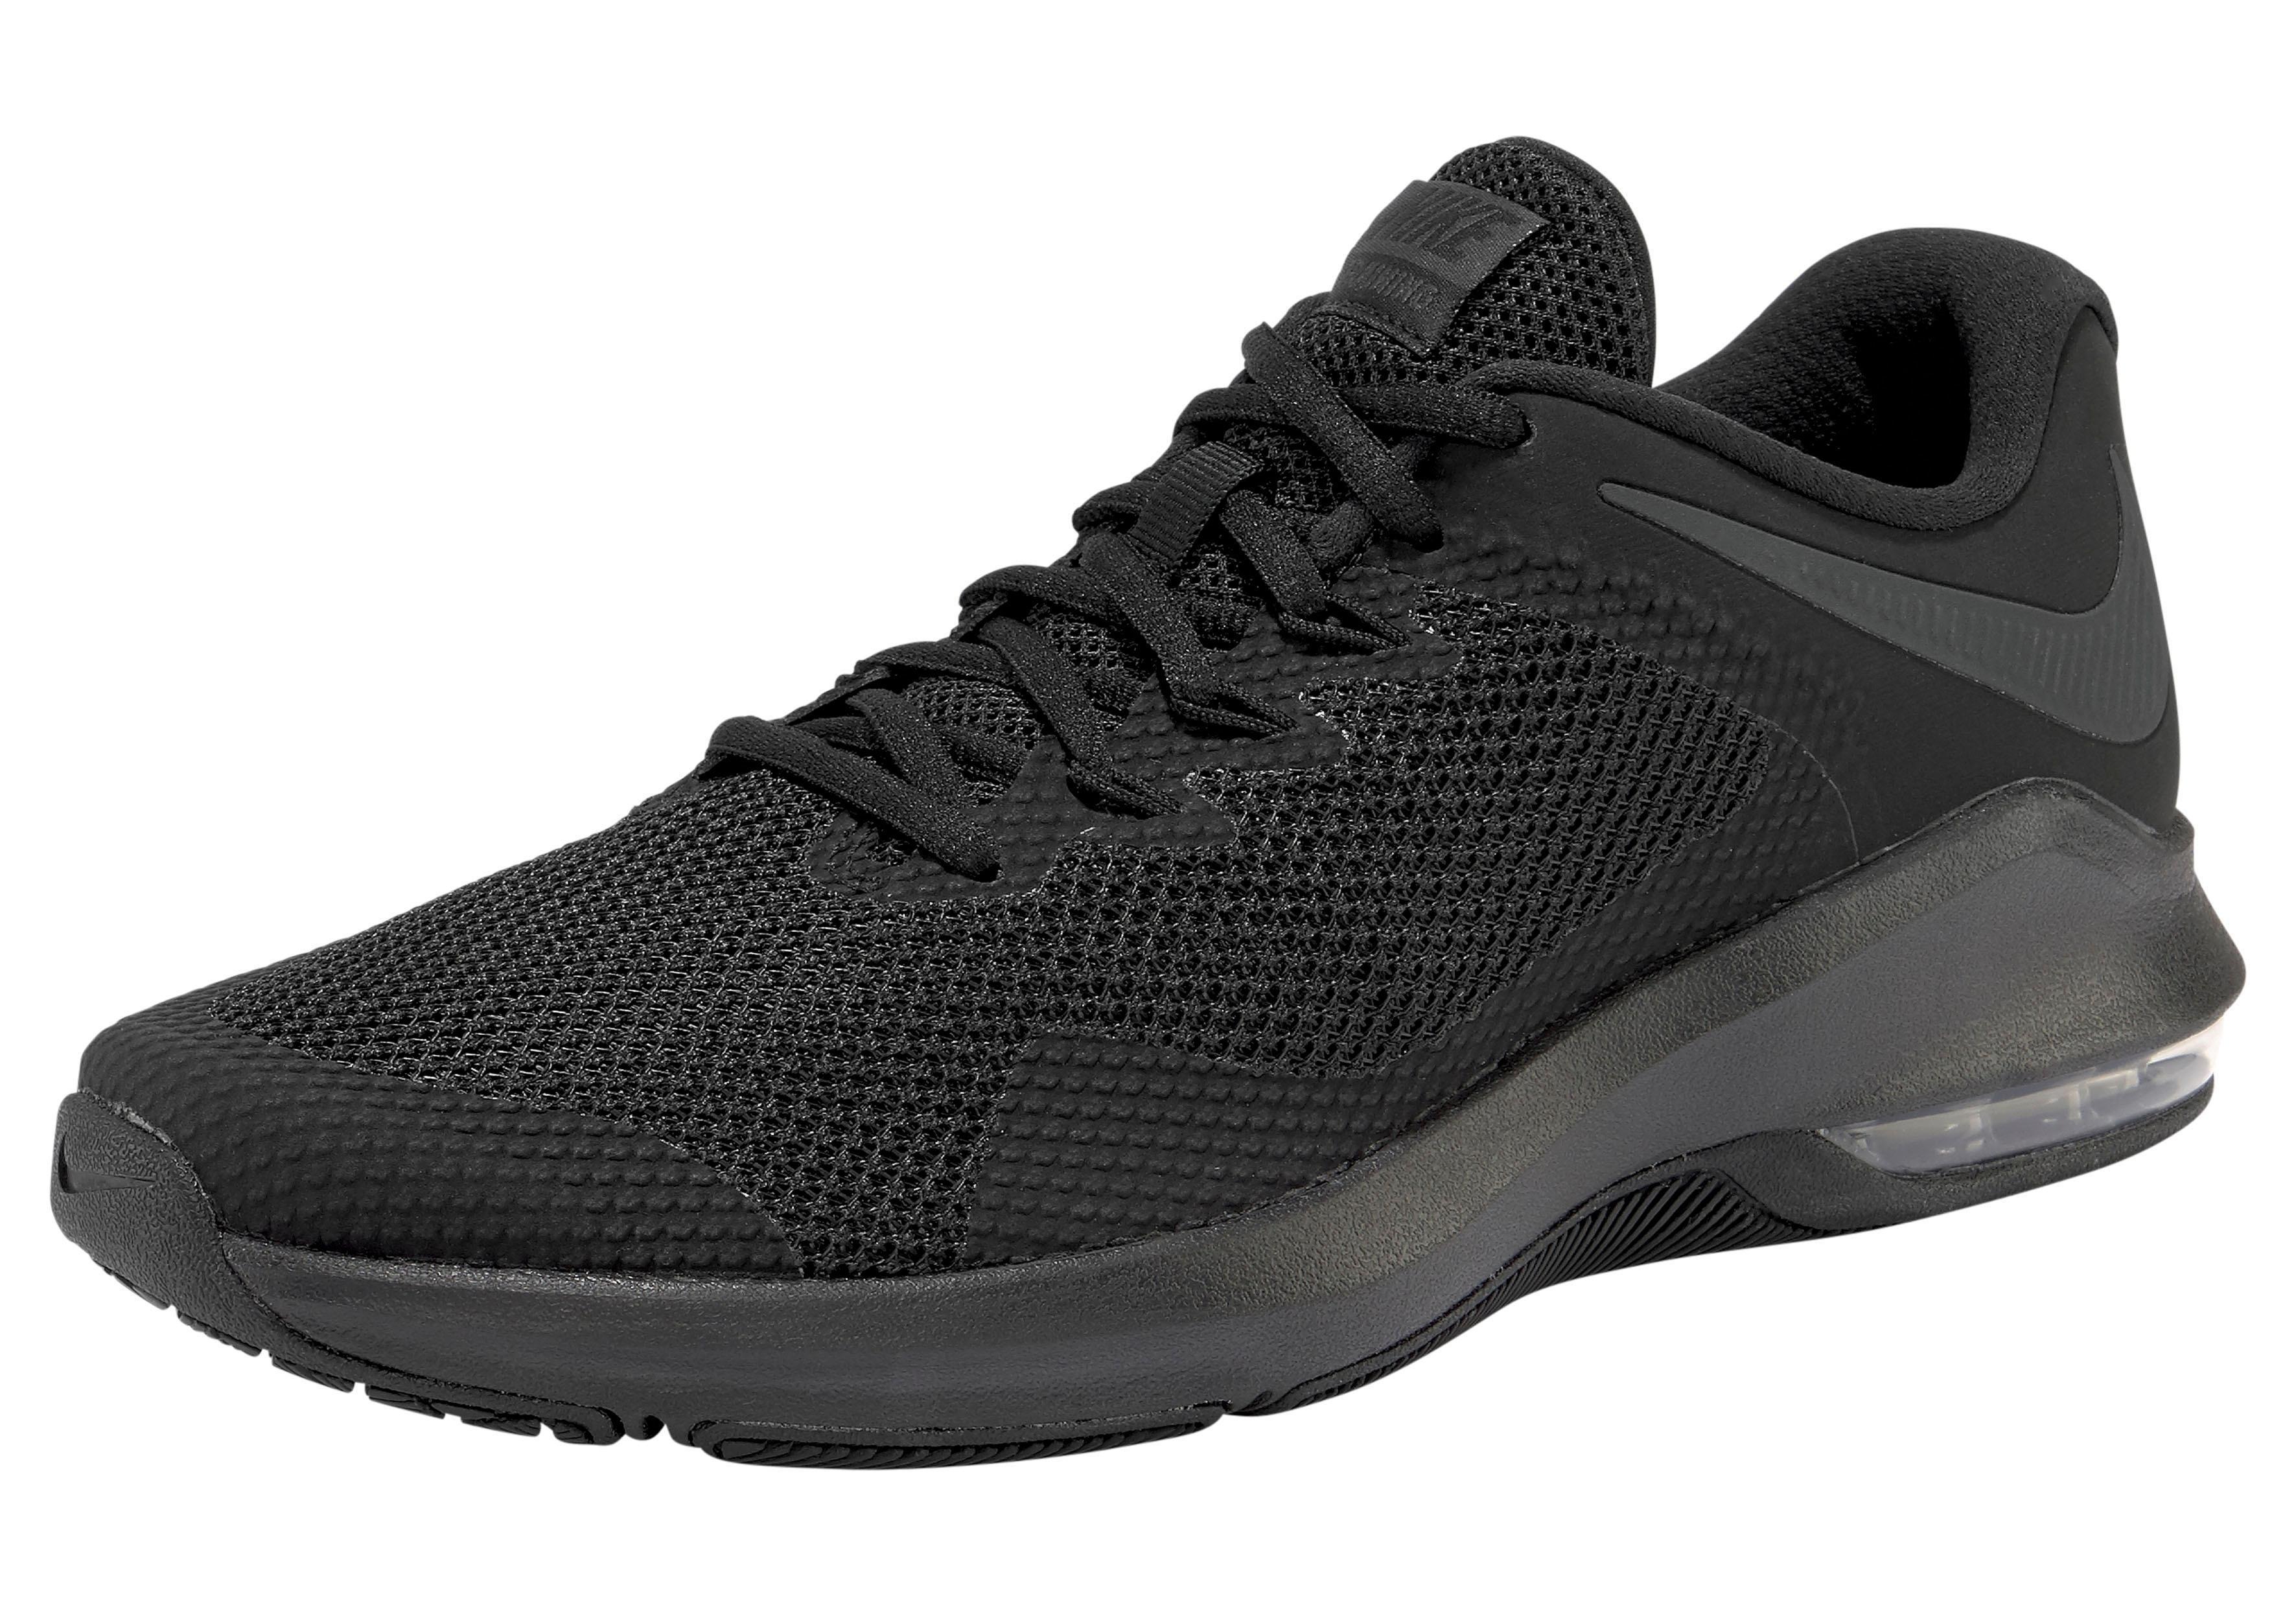 Nike trainingsschoenen »Air Max Alpha Trainer« bestellen: 14 dagen bedenktijd